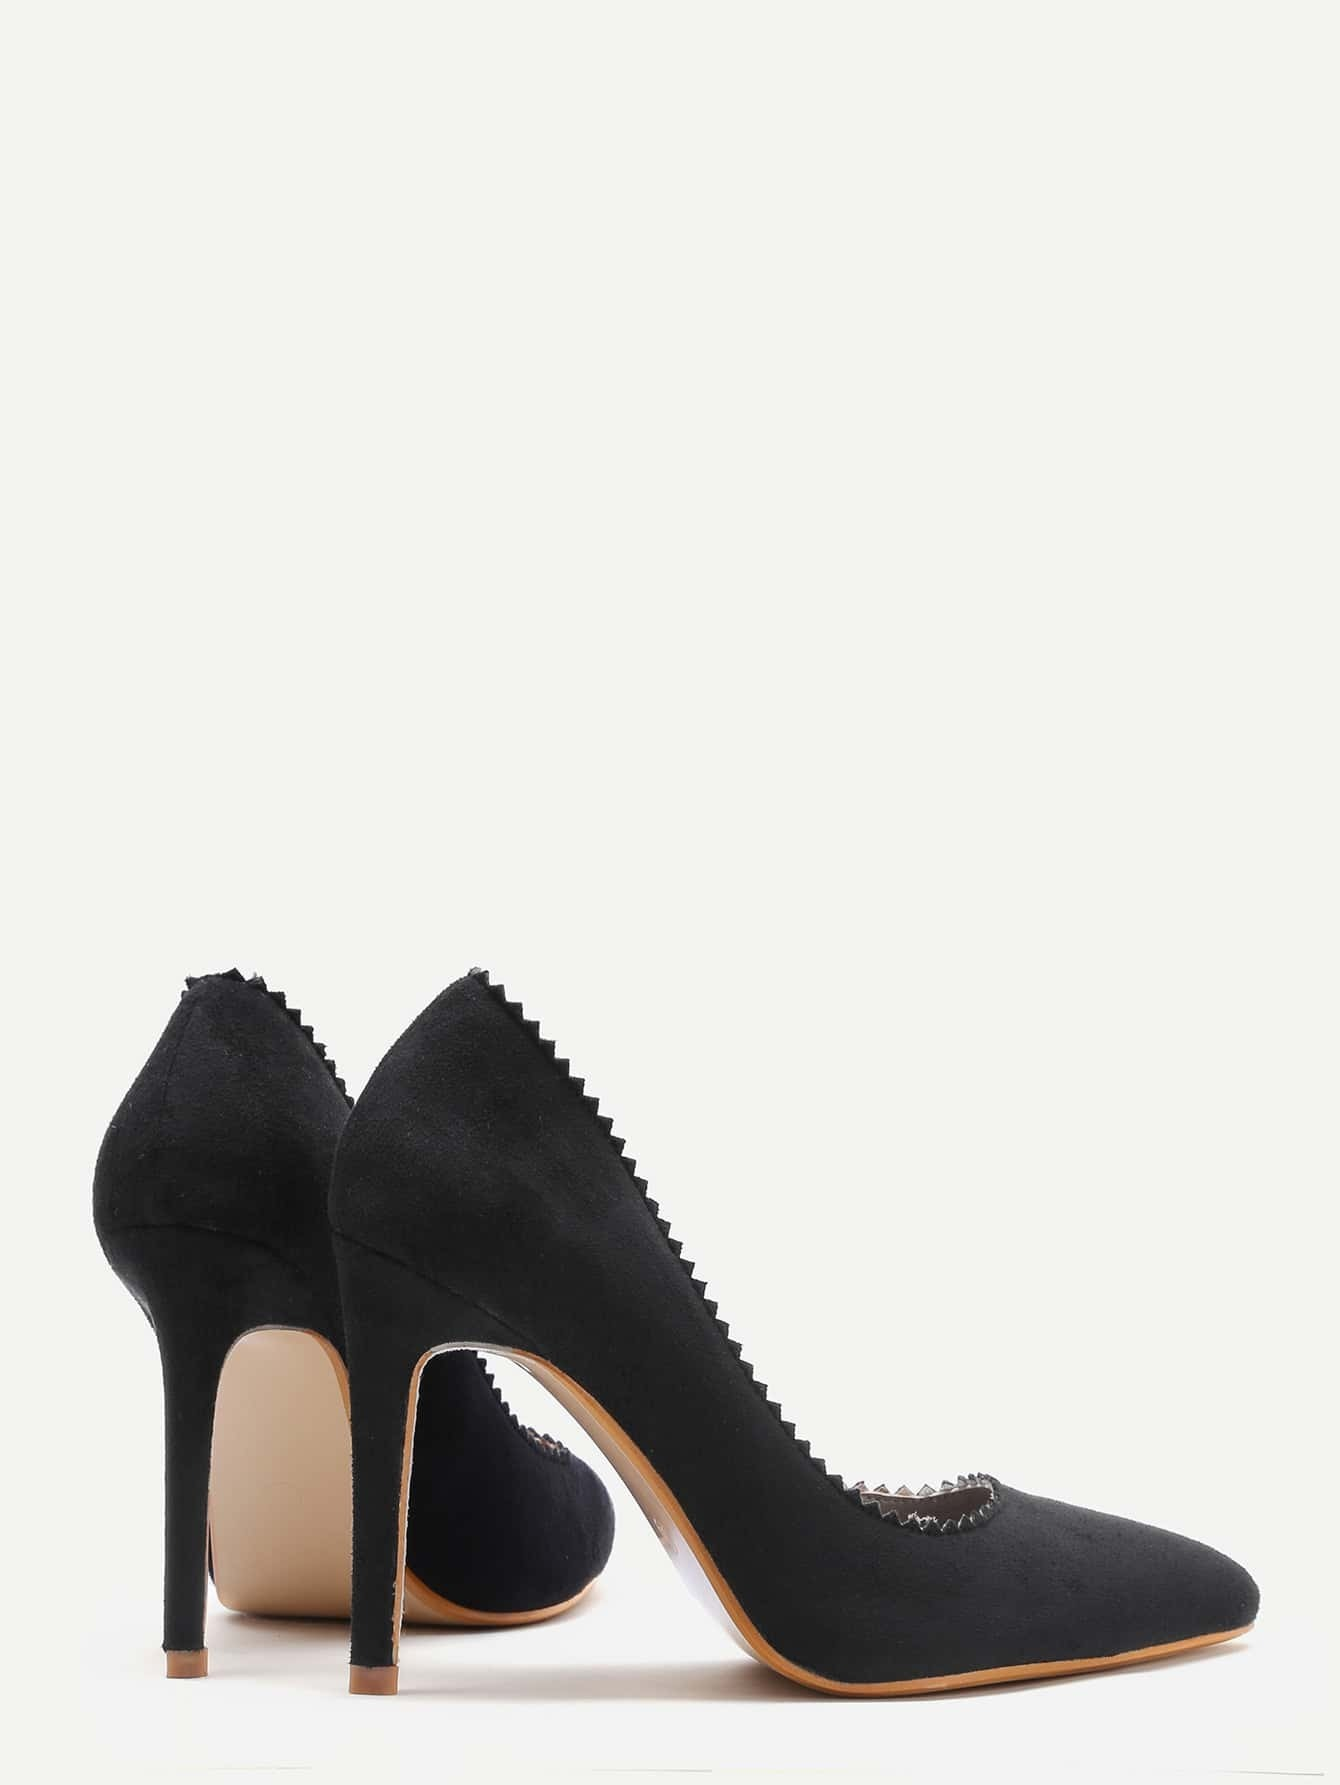 shoes170104808_2